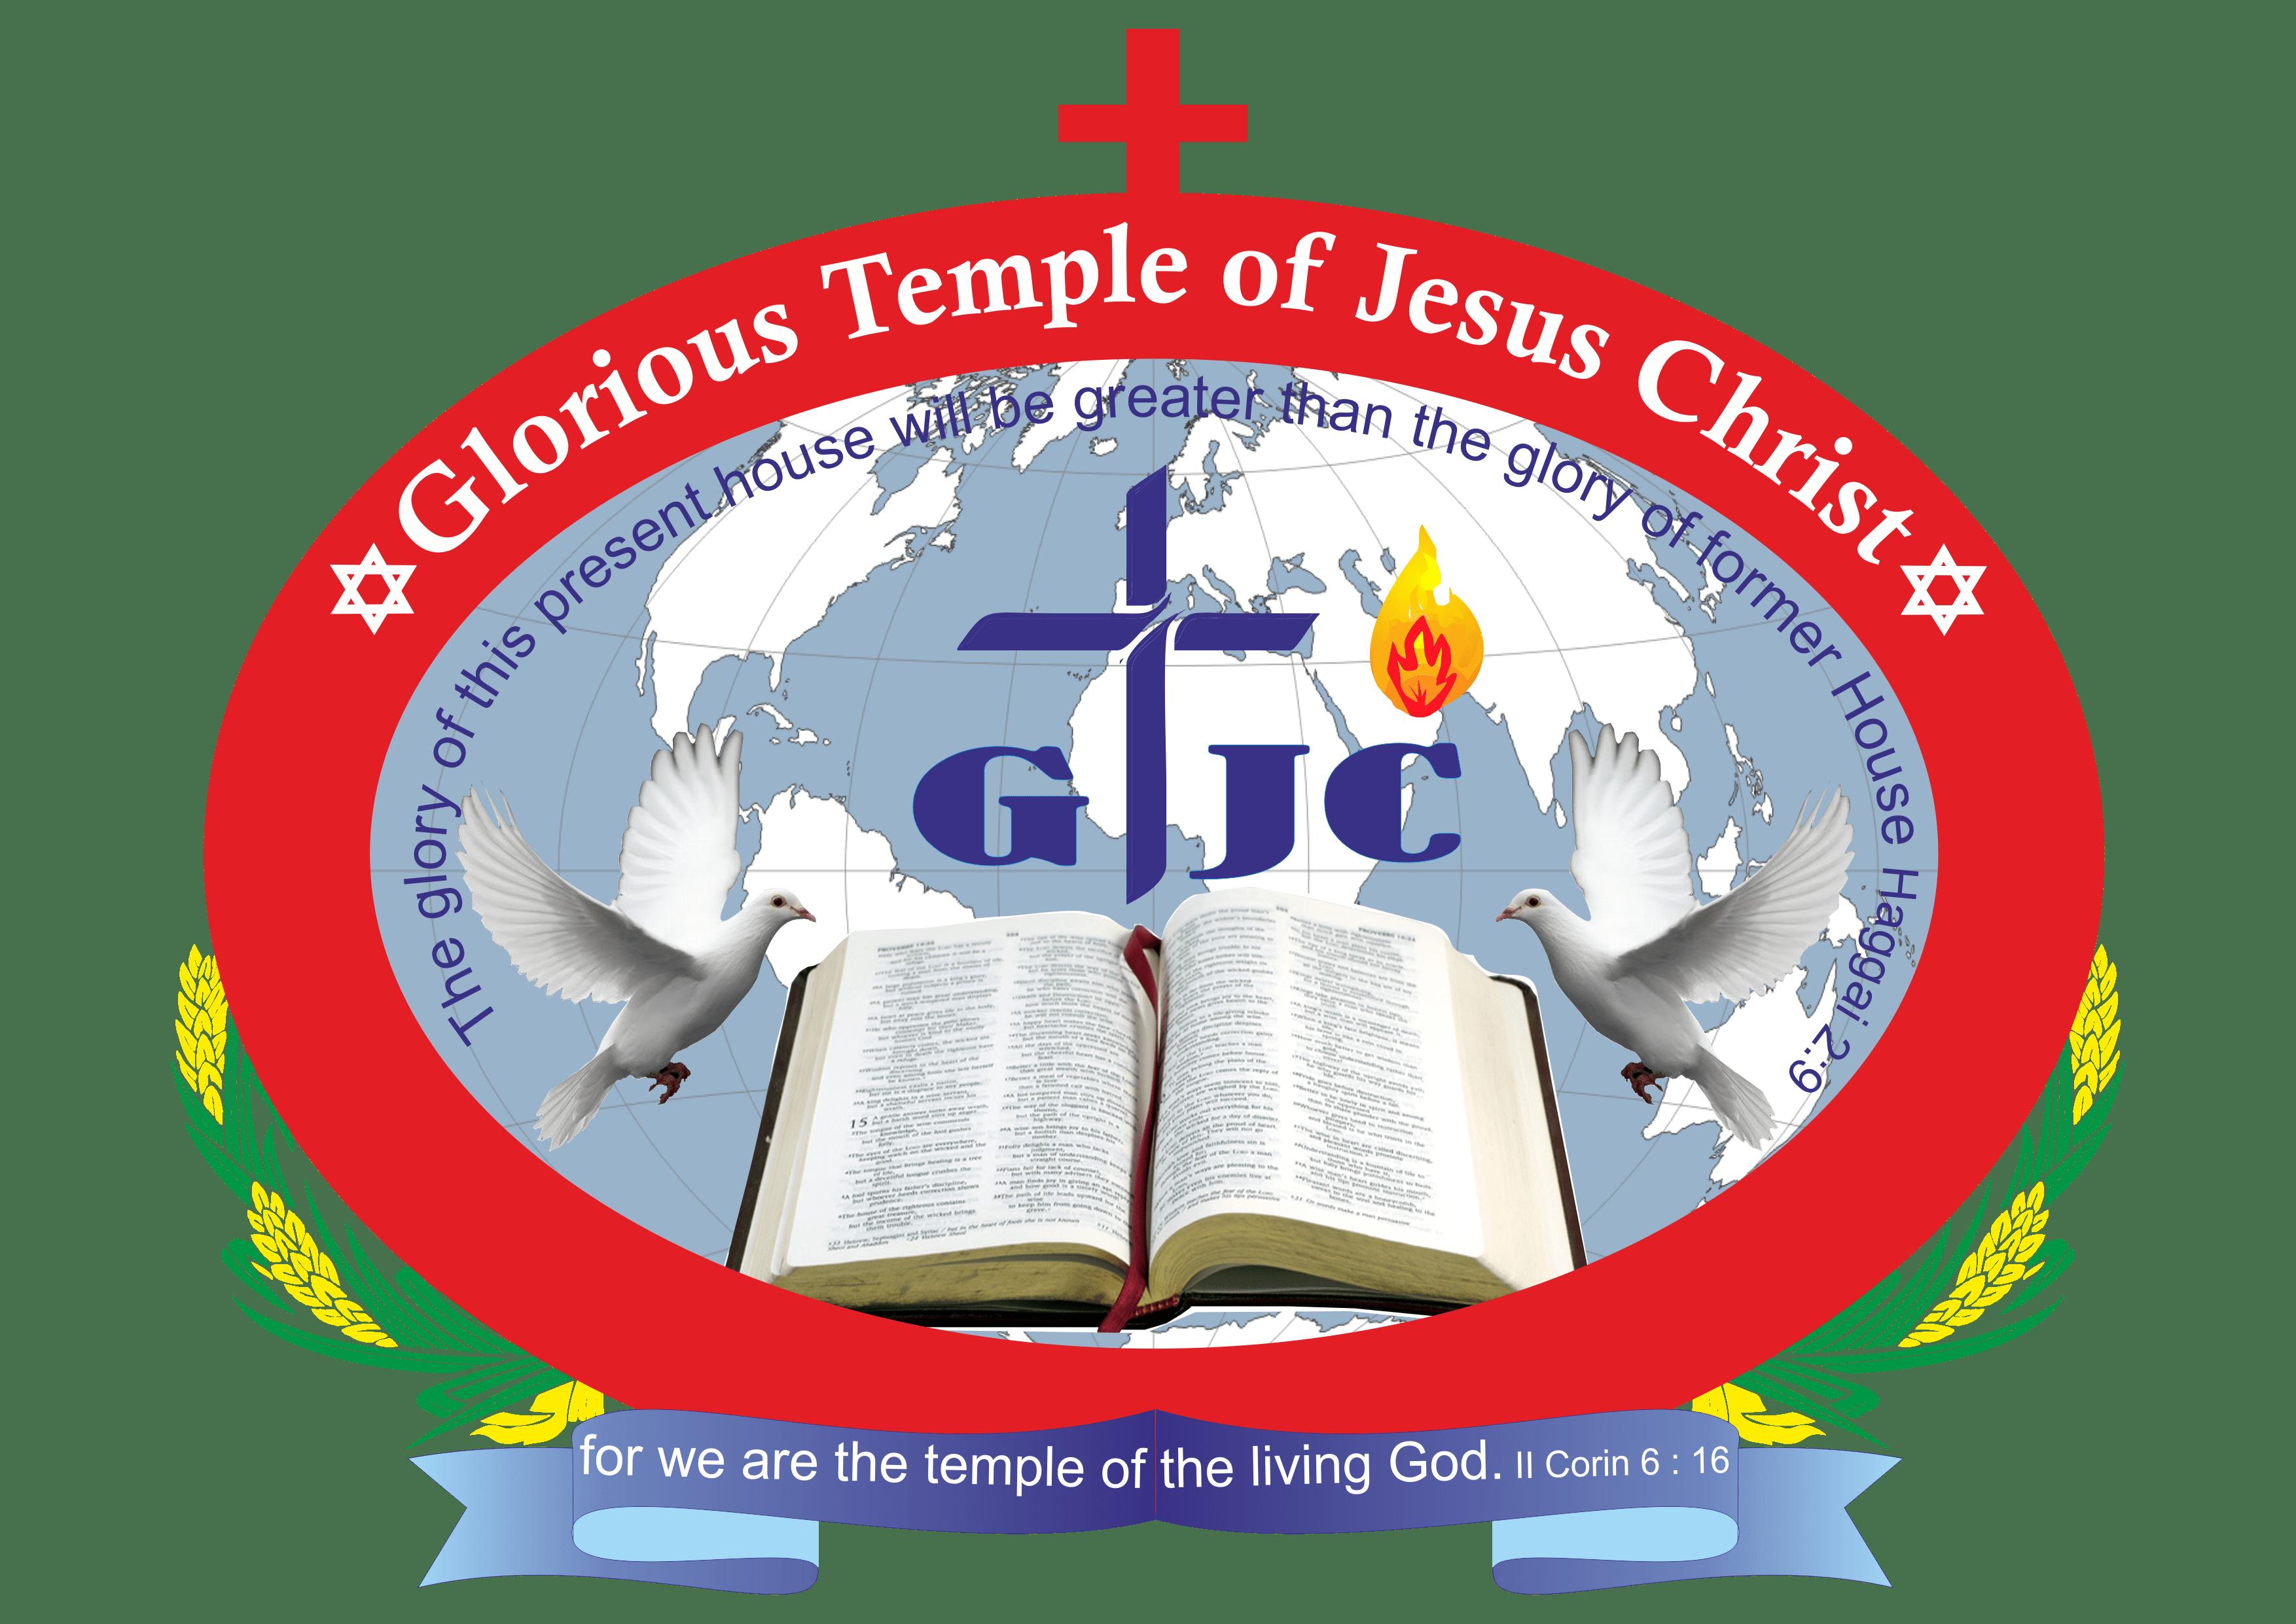 Living Light Ministries, GTJC CHURCH